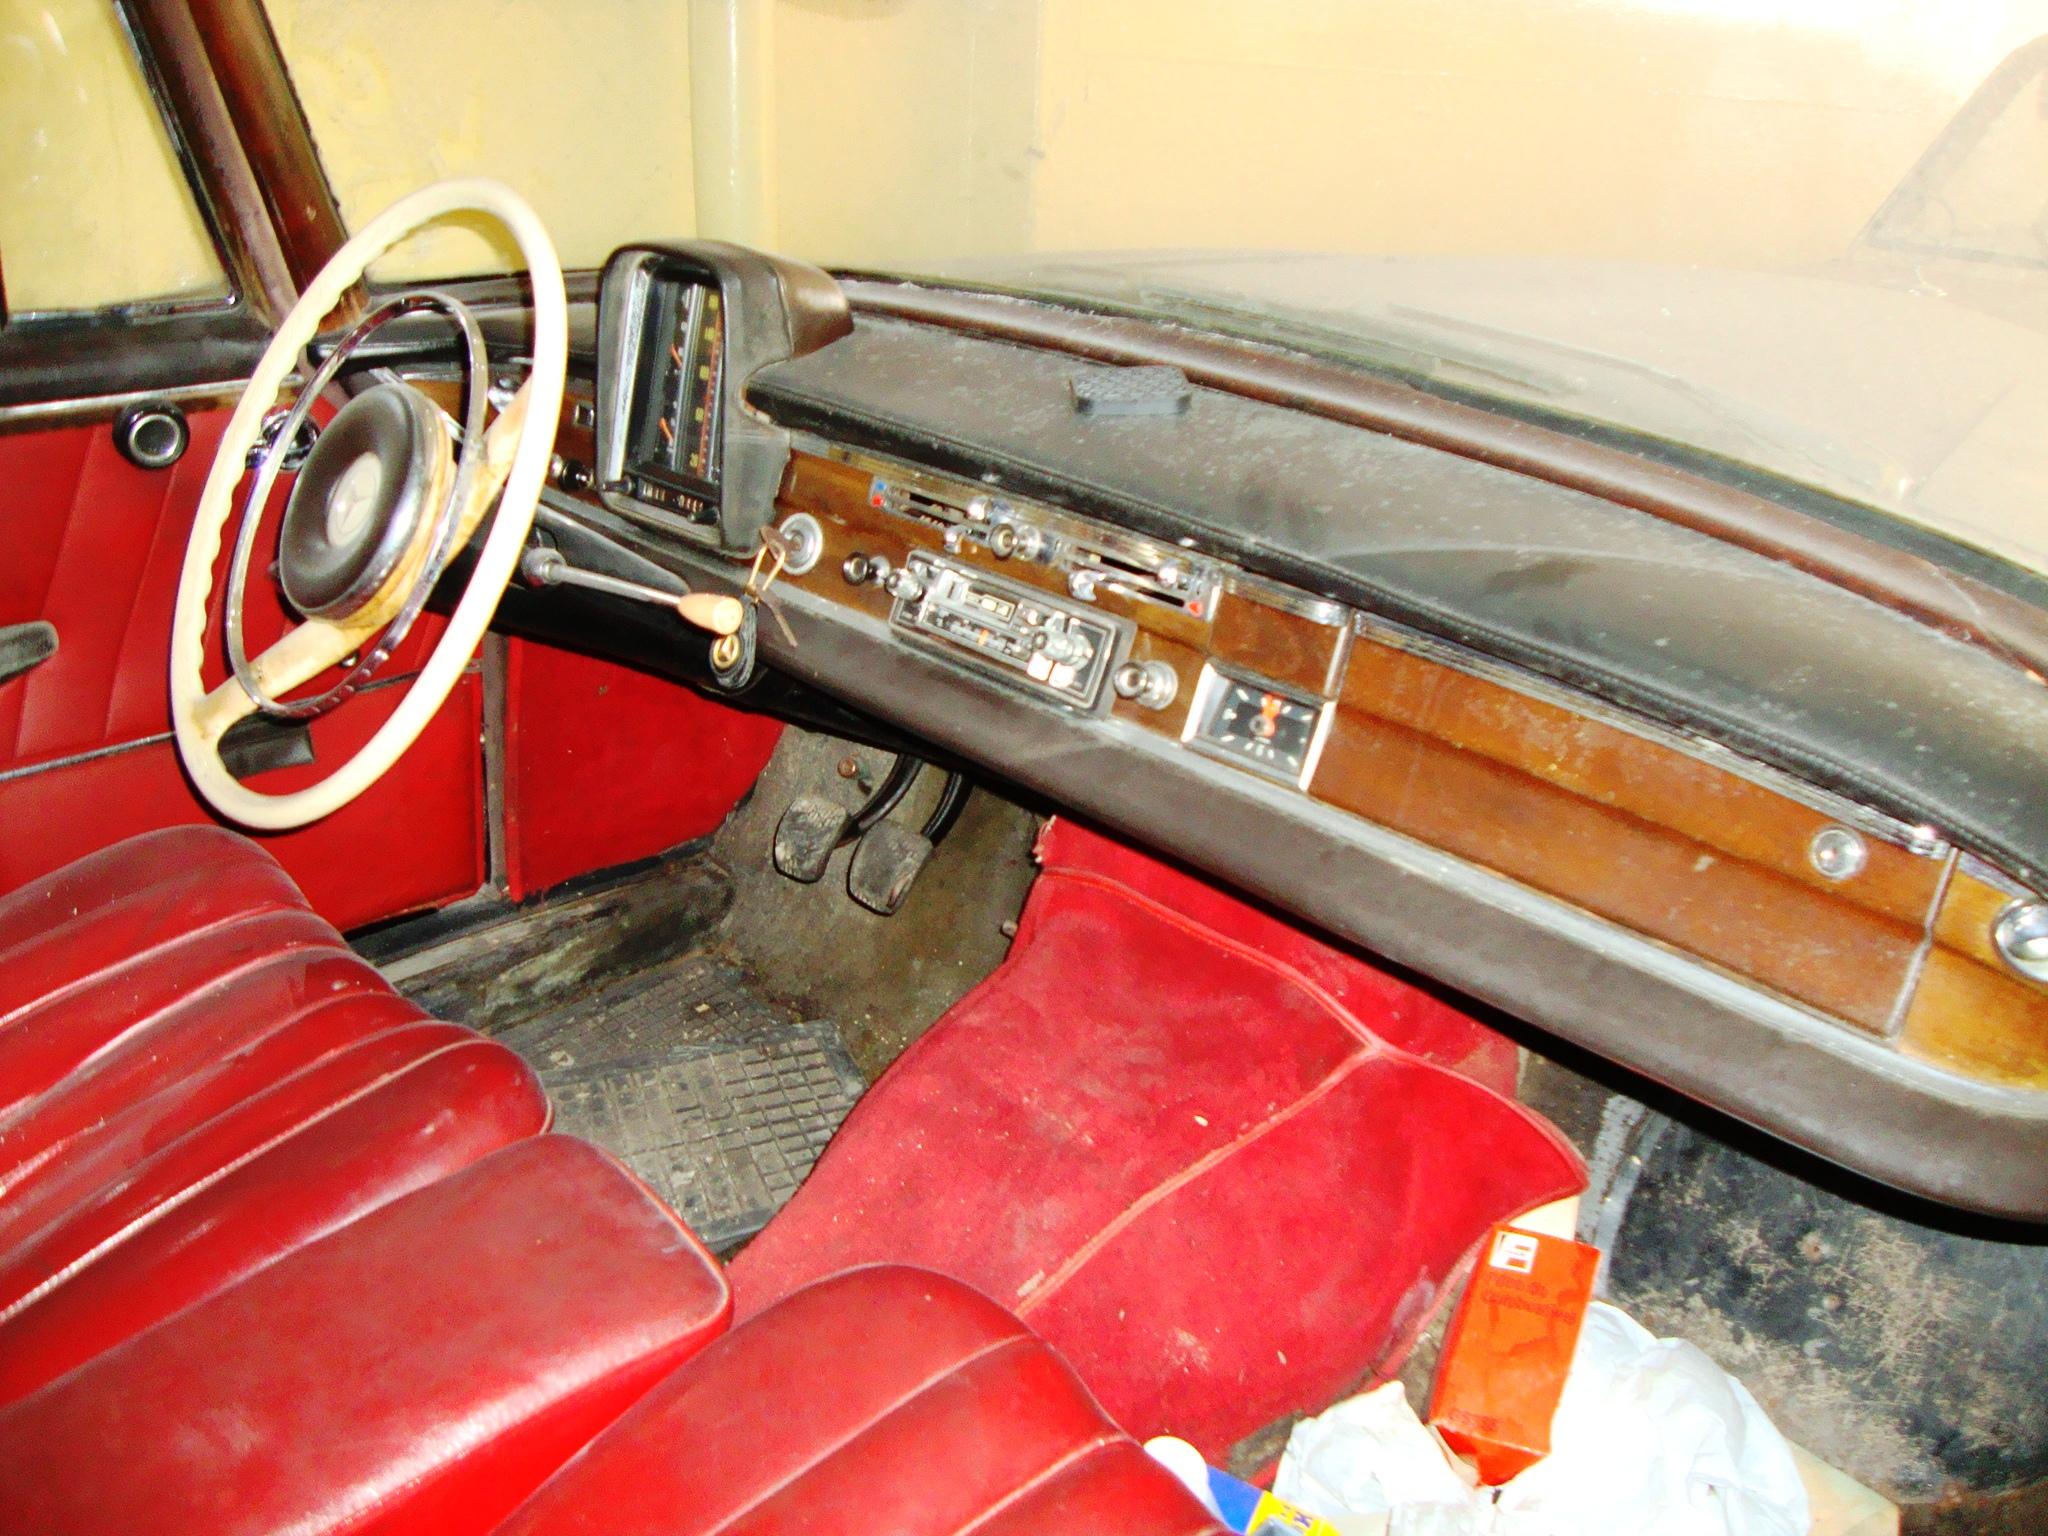 mktpoameca5 Mercedes-Benz 220s